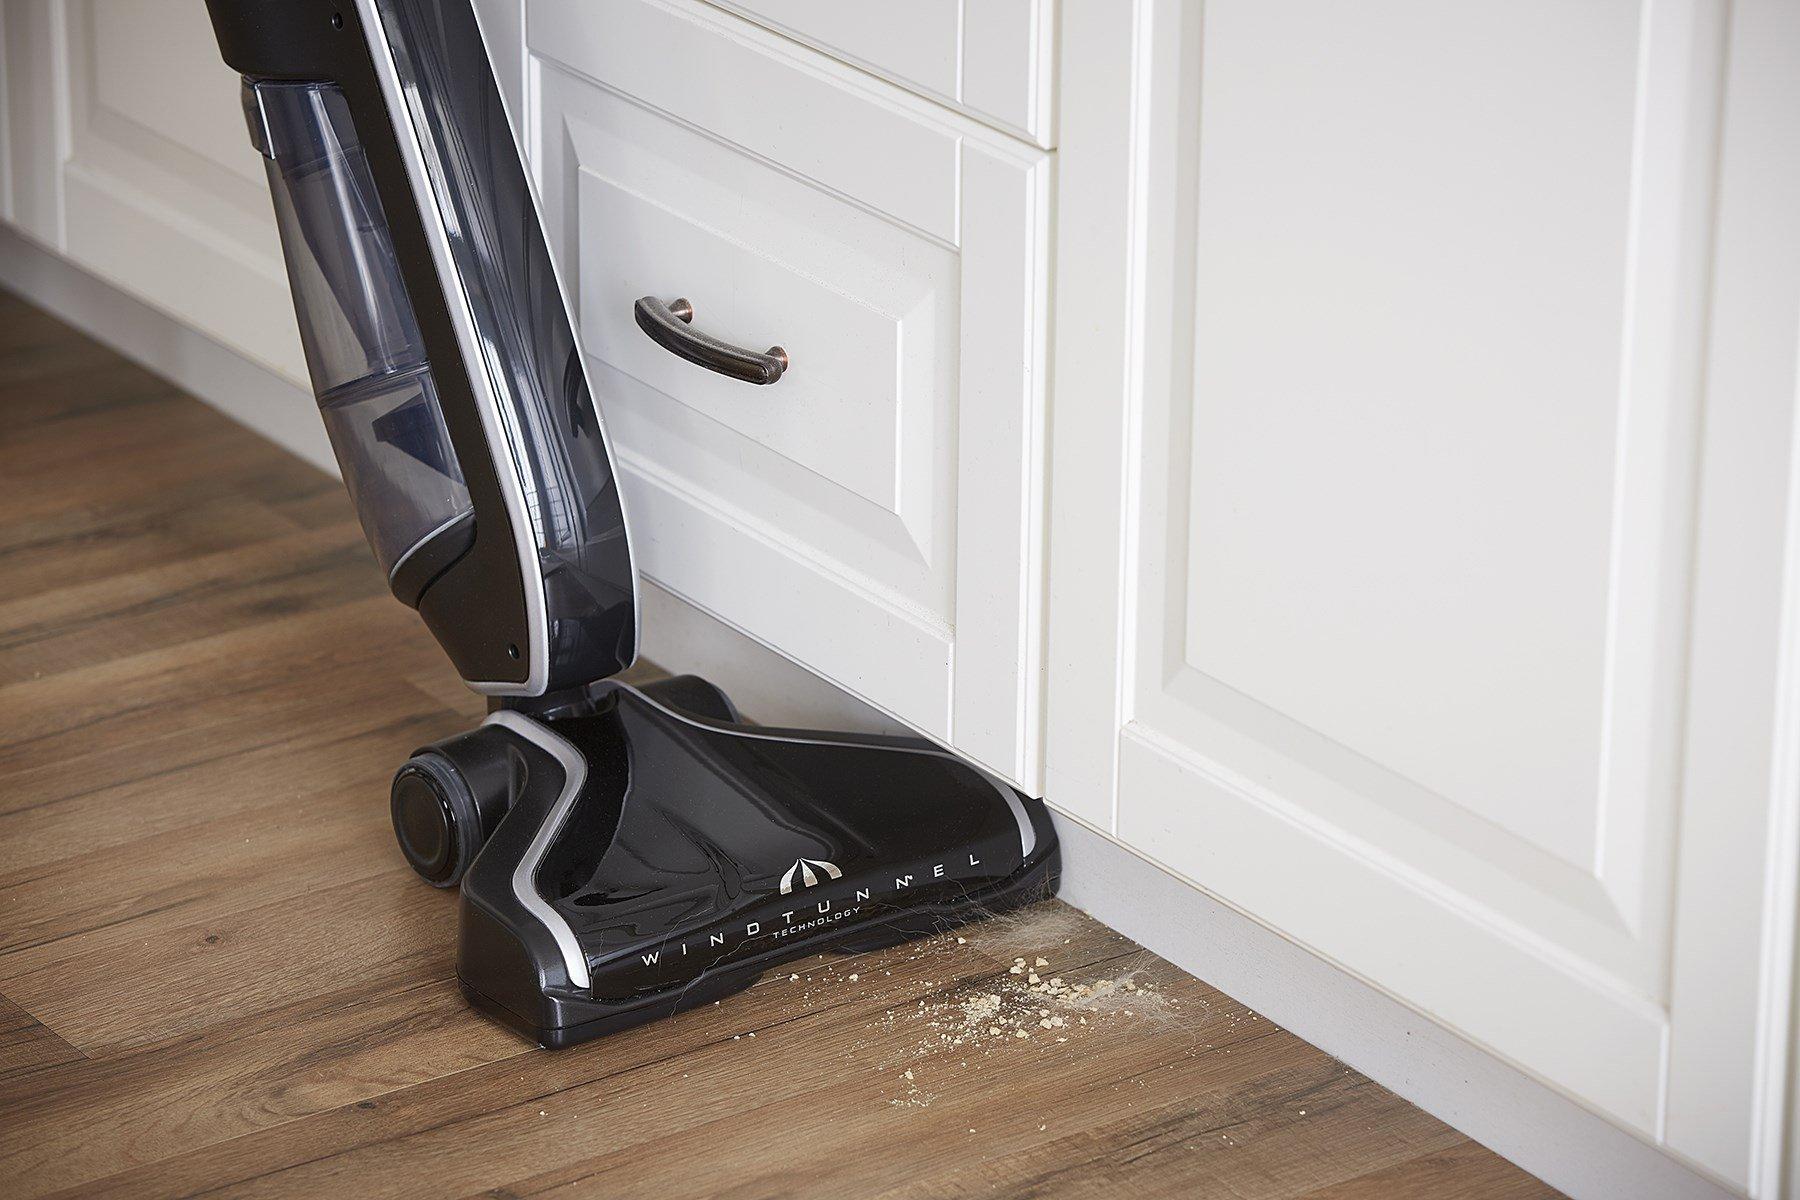 Hoover Linx Signature Cordless Stick Vacuum Bh50020 Ebay